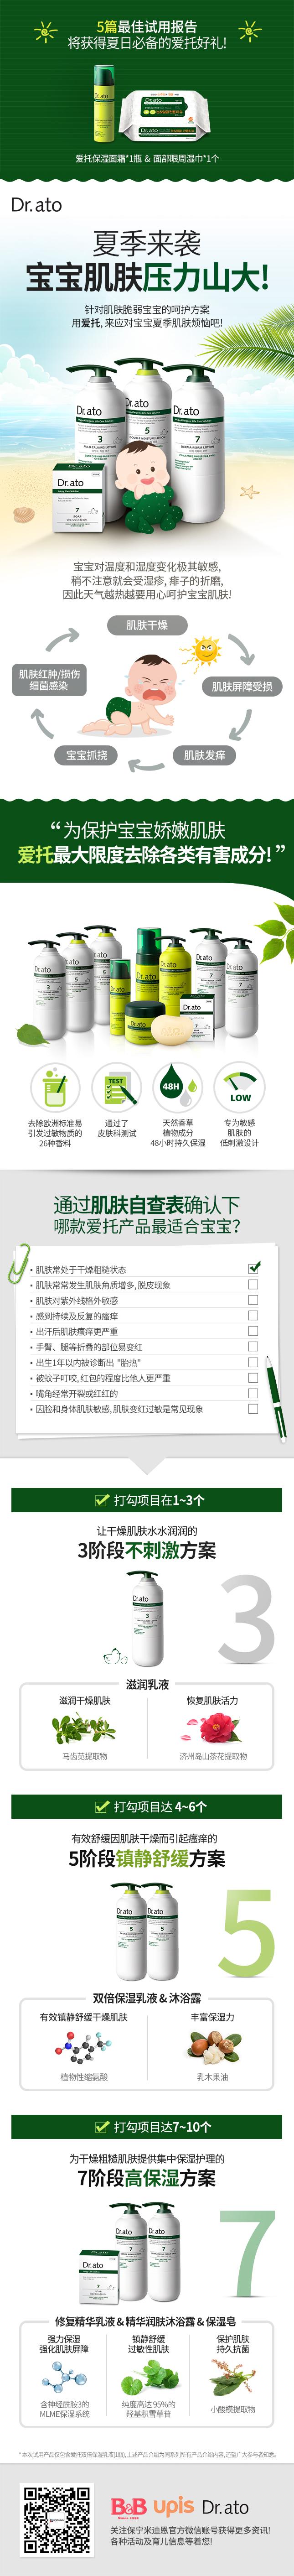 [保宁×育儿网]_6月试用活动-申请页面-645宽度(2).jpg